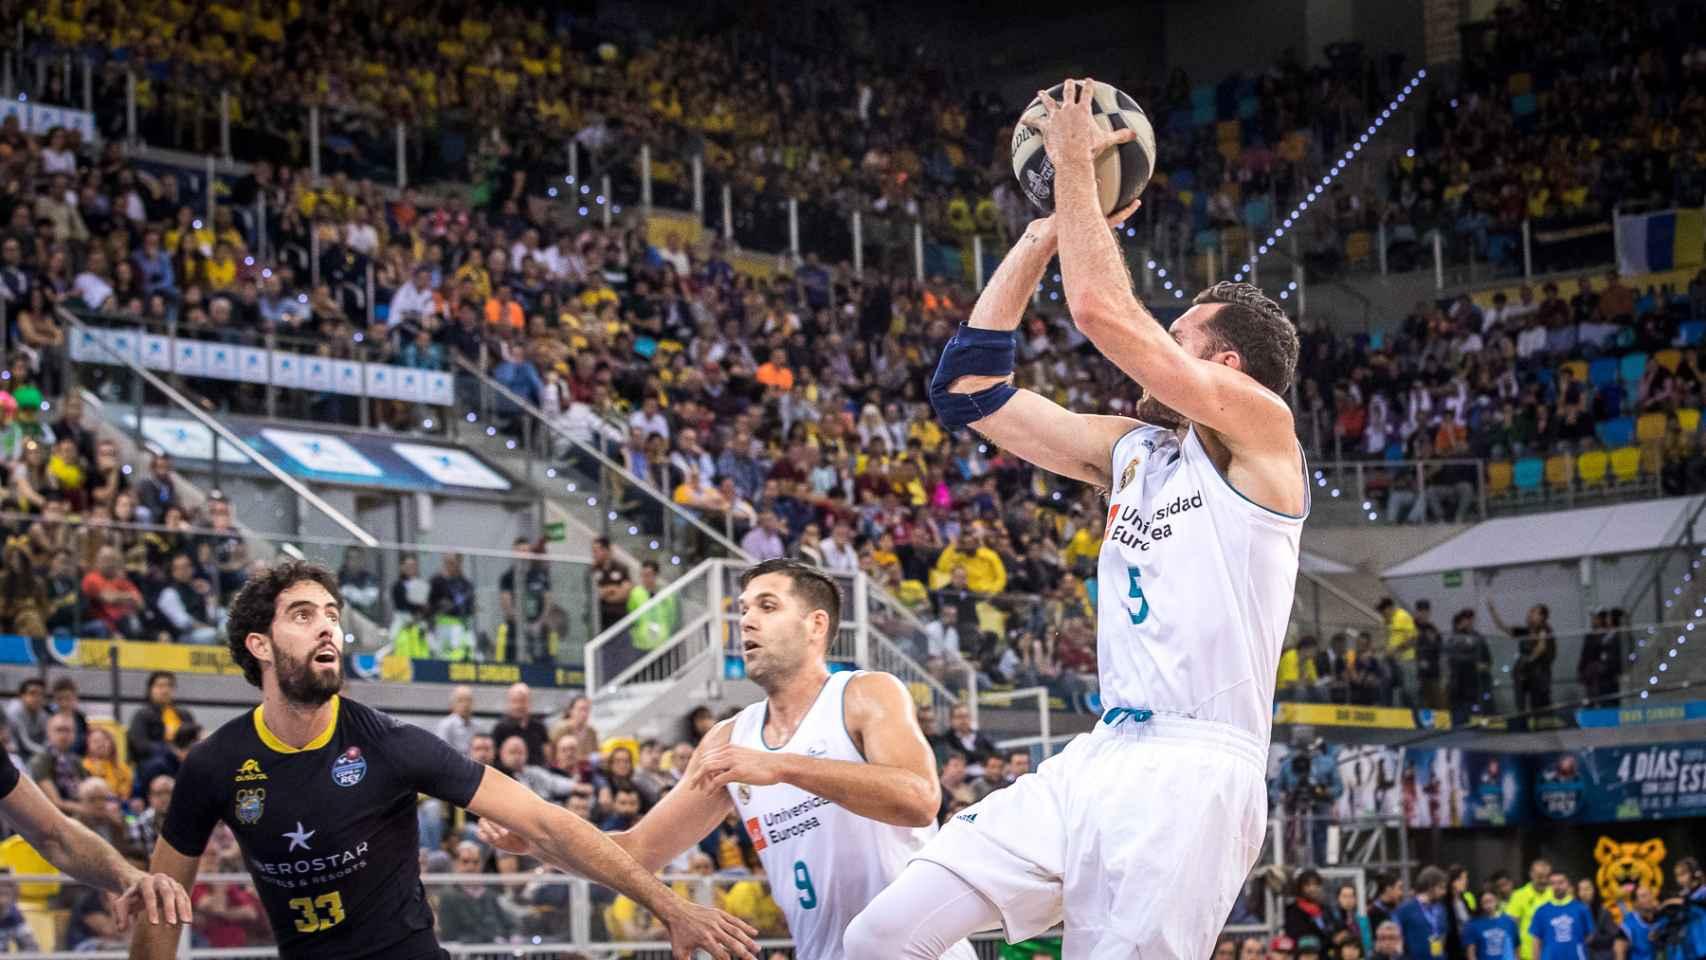 Las mejores imágenes del Iberostar Tenerife - Real Madrid de la Copa del Rey de baloncesto